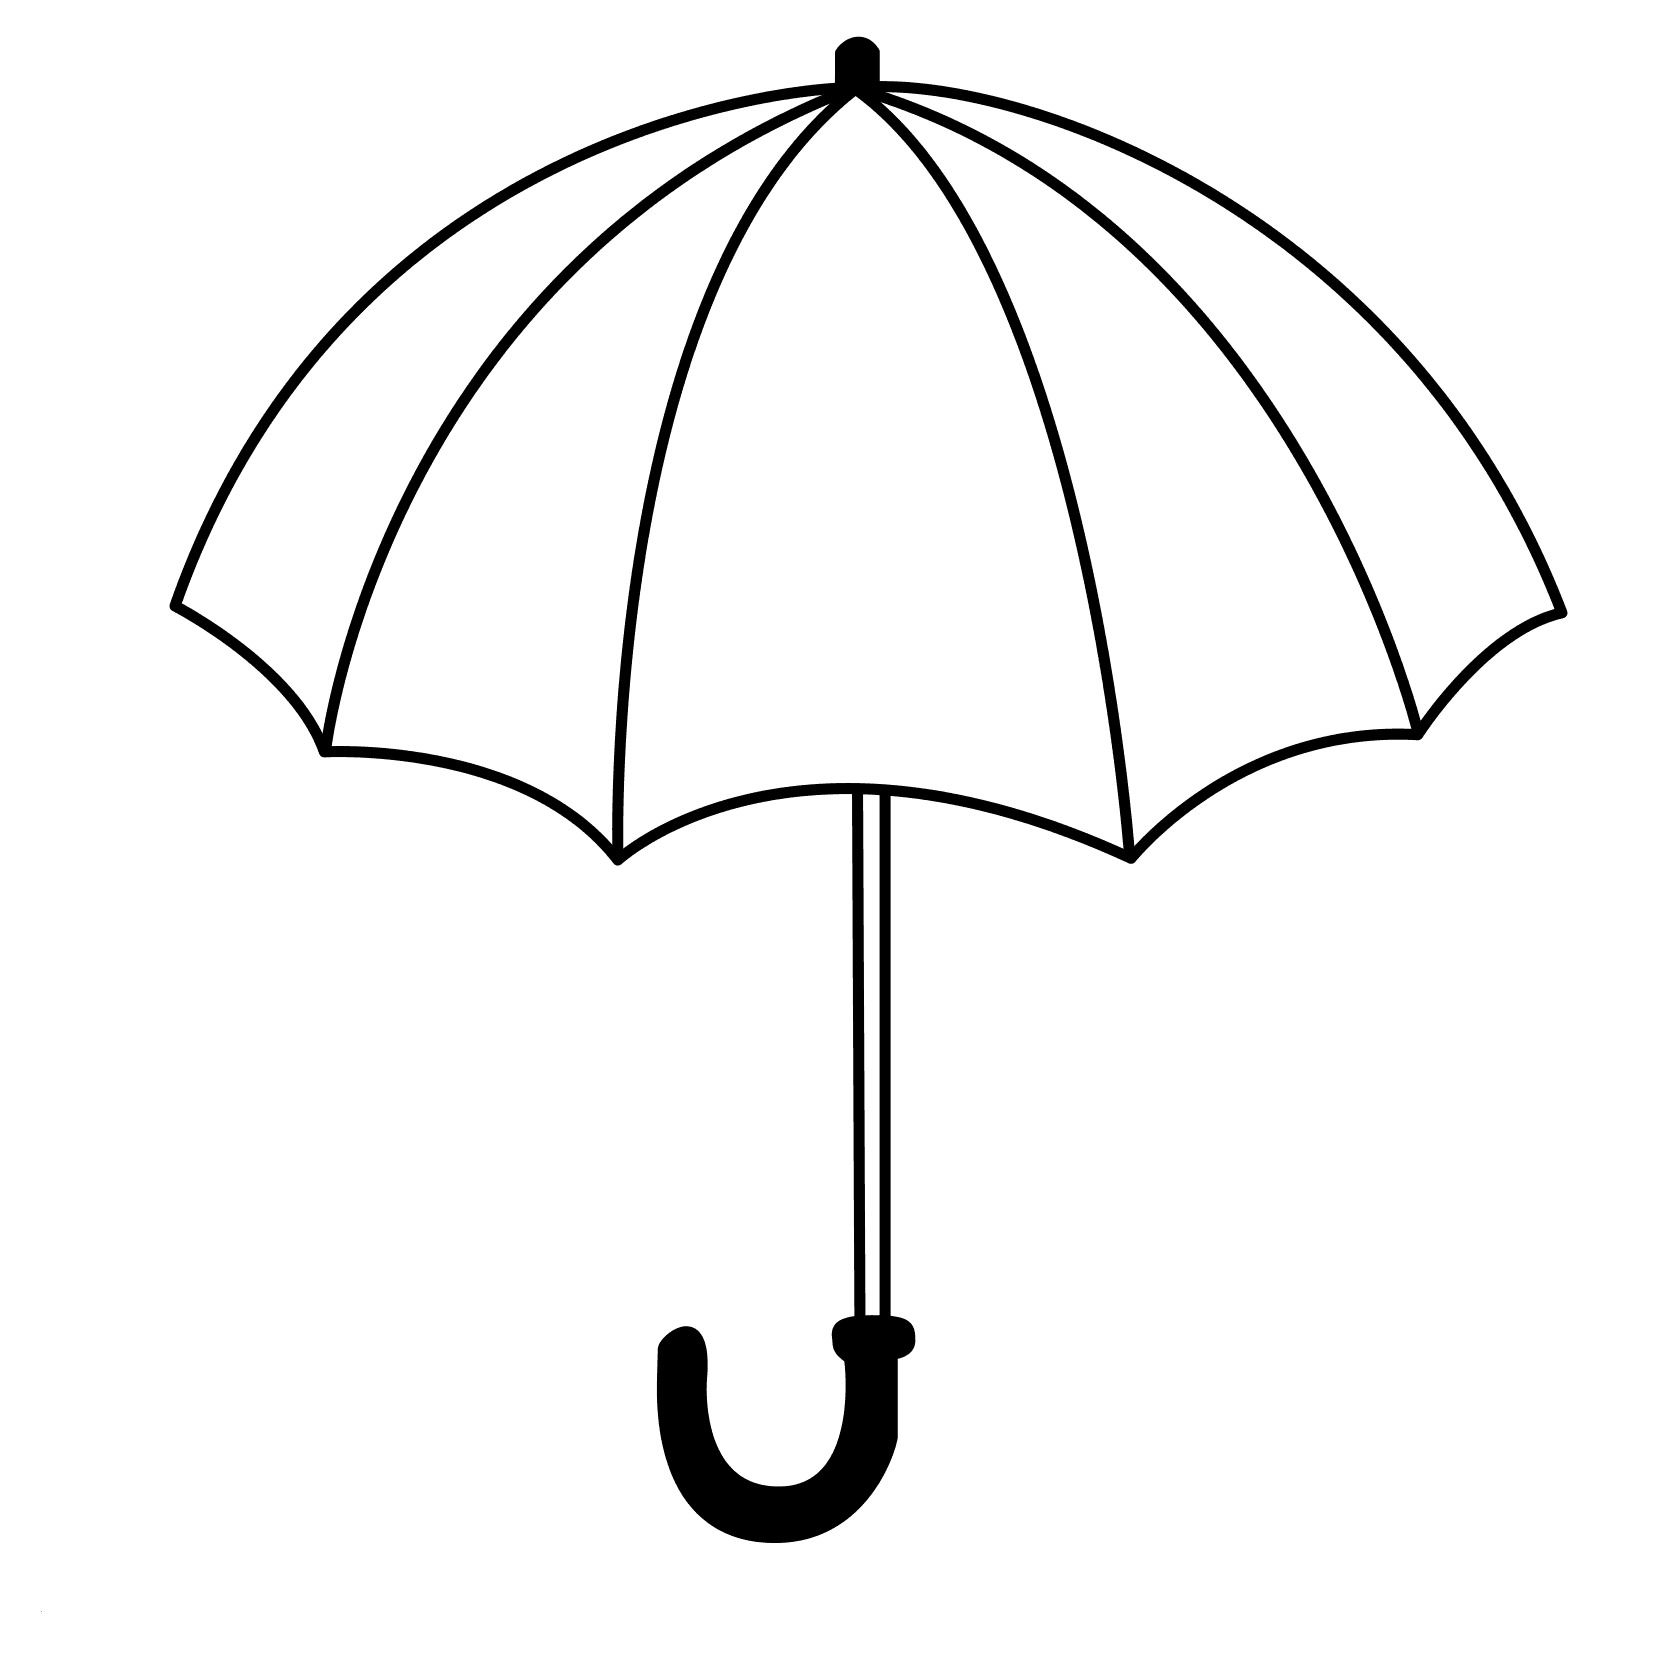 Ausmalbilder Regenschirm Frisch Kostenlose Malvorlagen Window